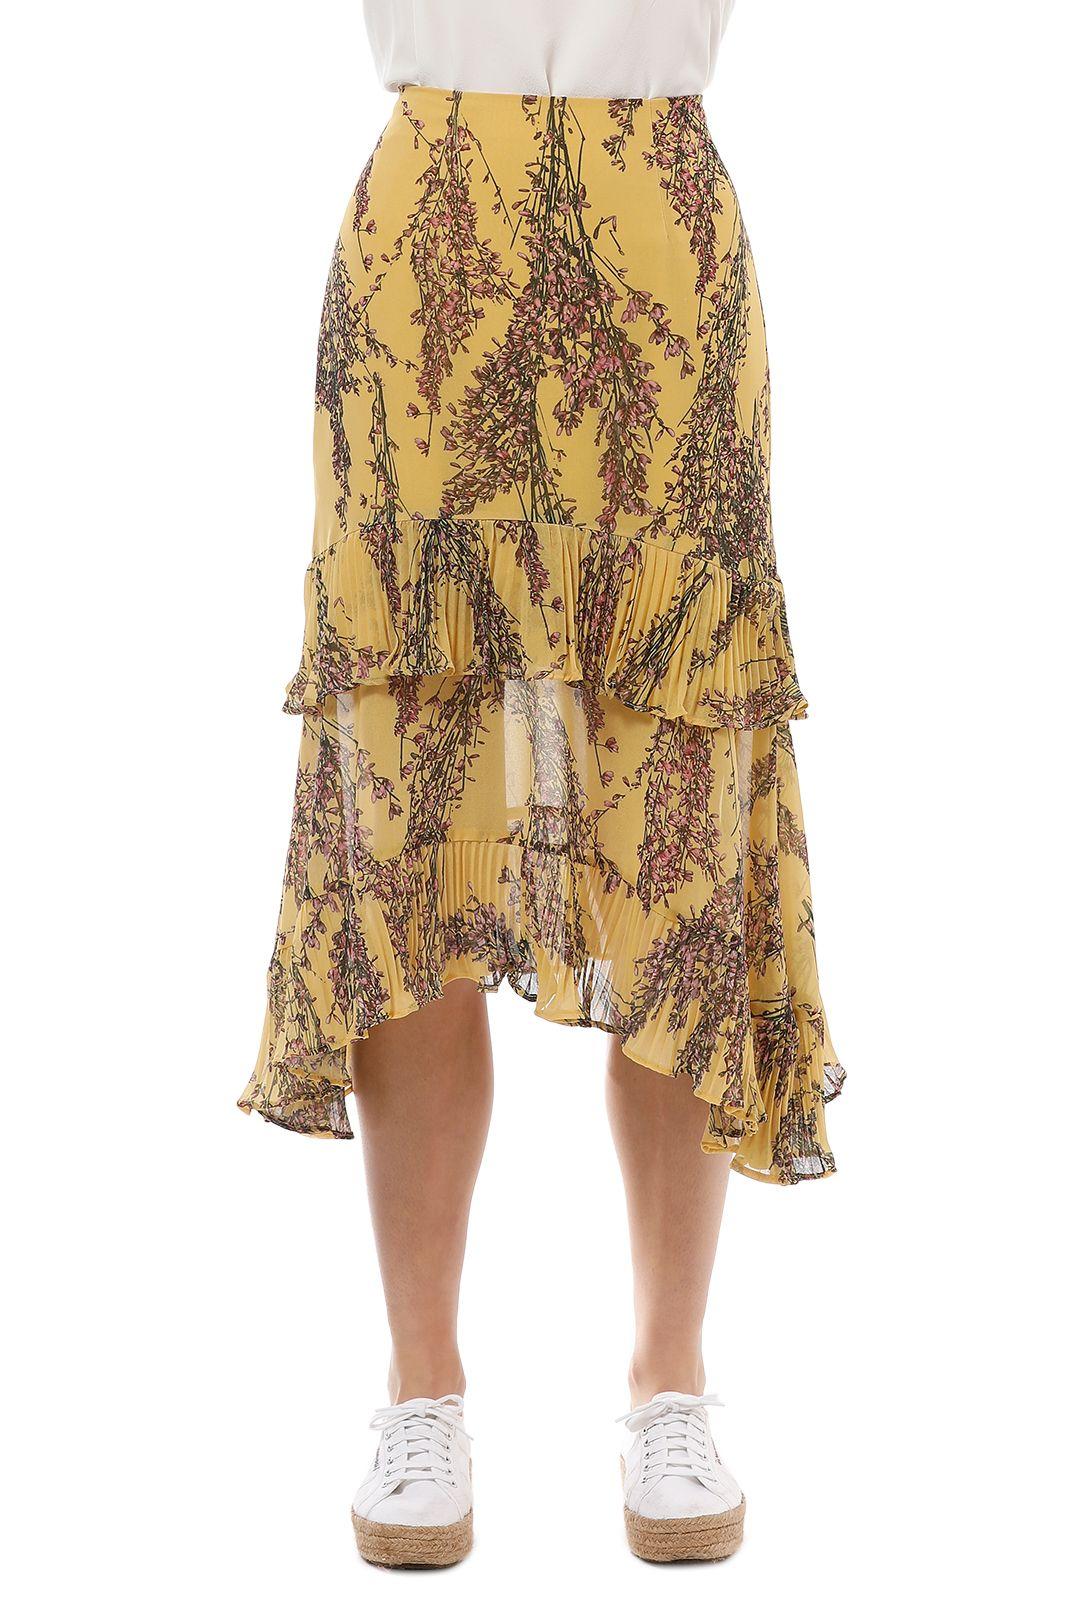 Keepsake the Label - Light Up Skirt - Golden Yellow - Front Crop